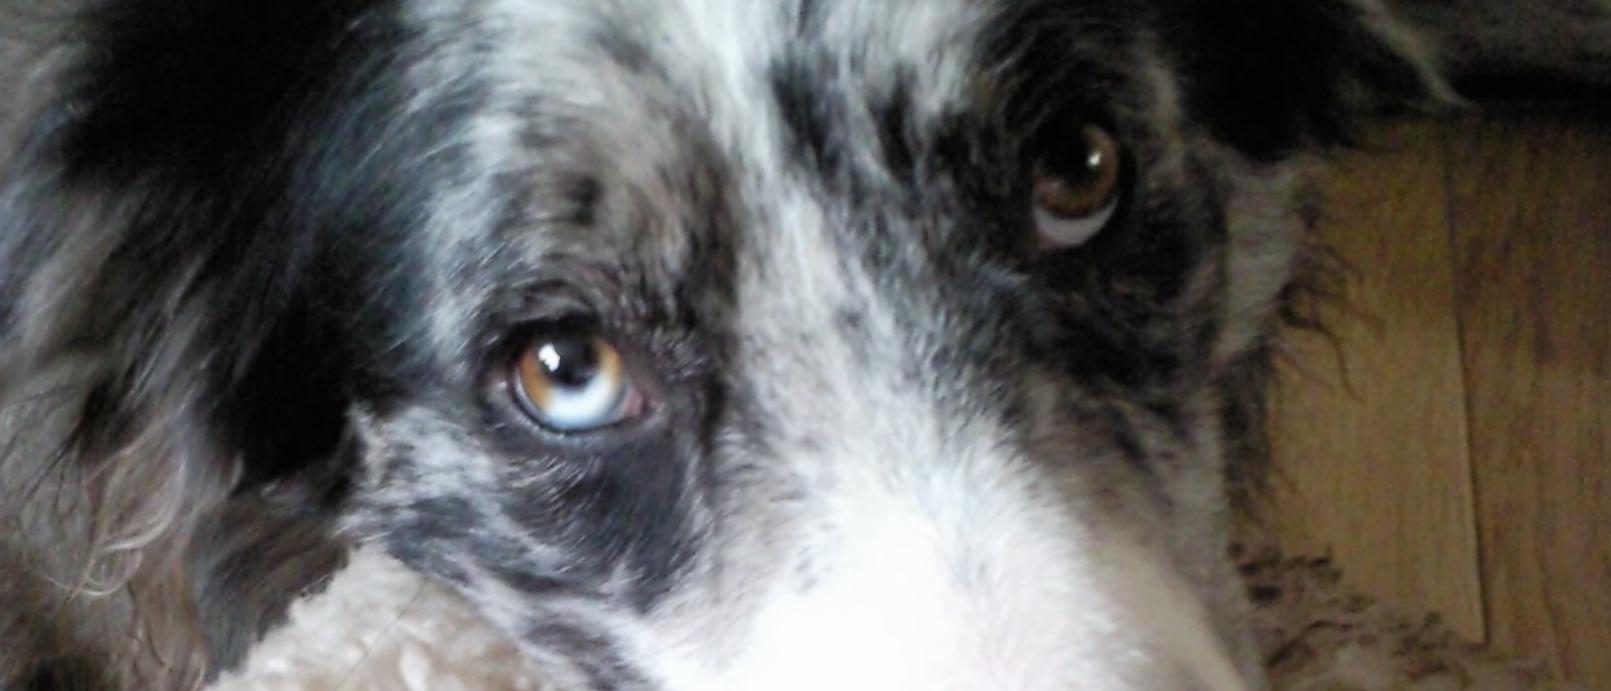 Reactive, fearful dog